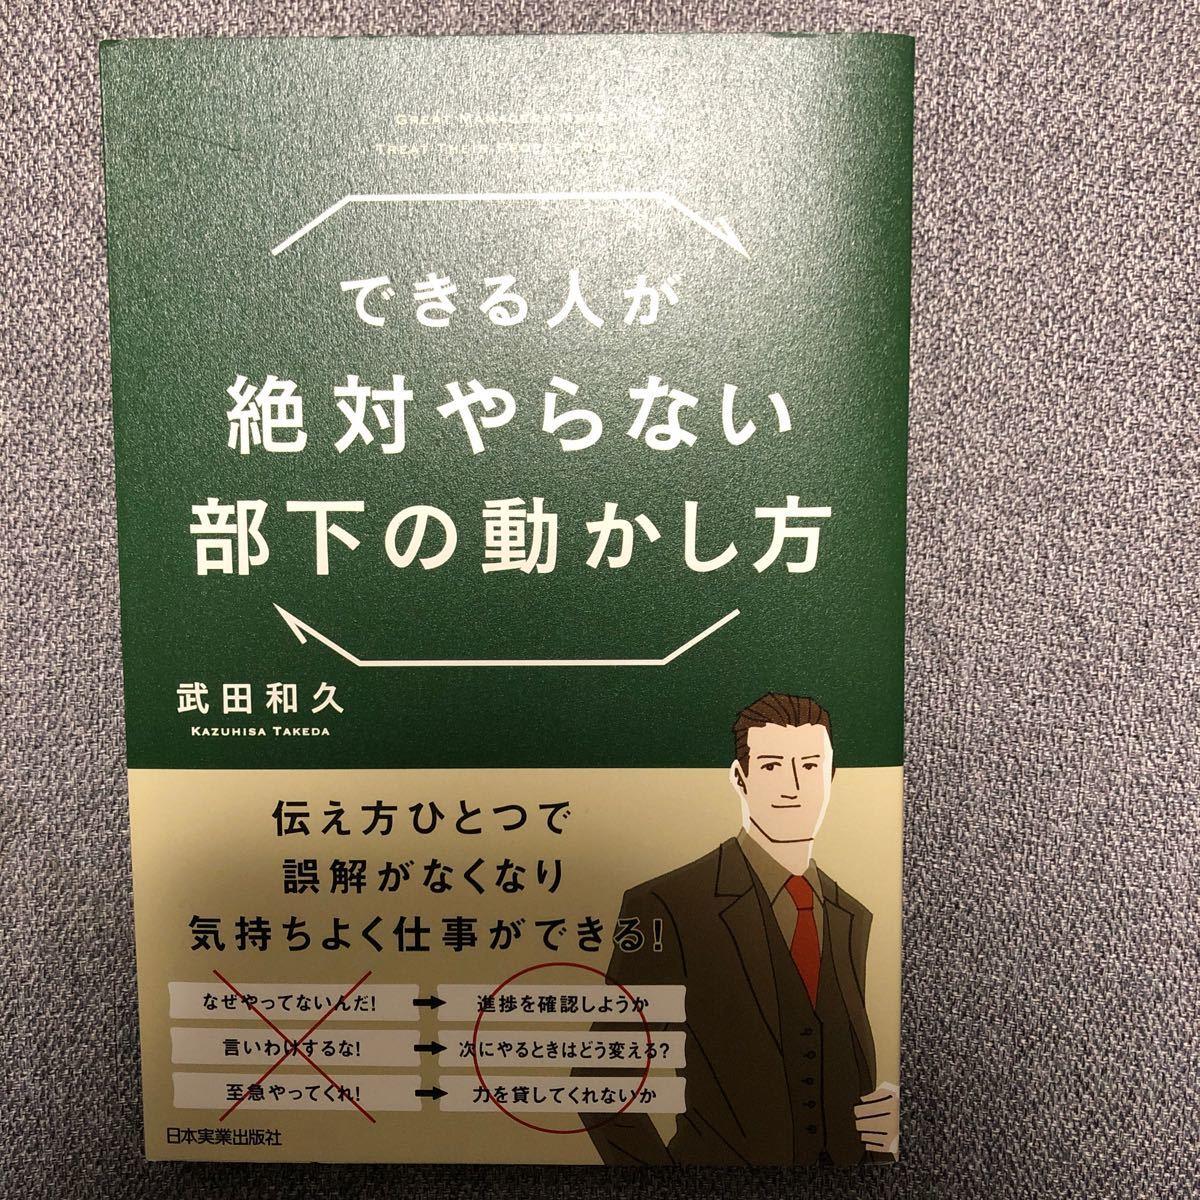 できる人が絶対やらない部下の動かし方/武田和久